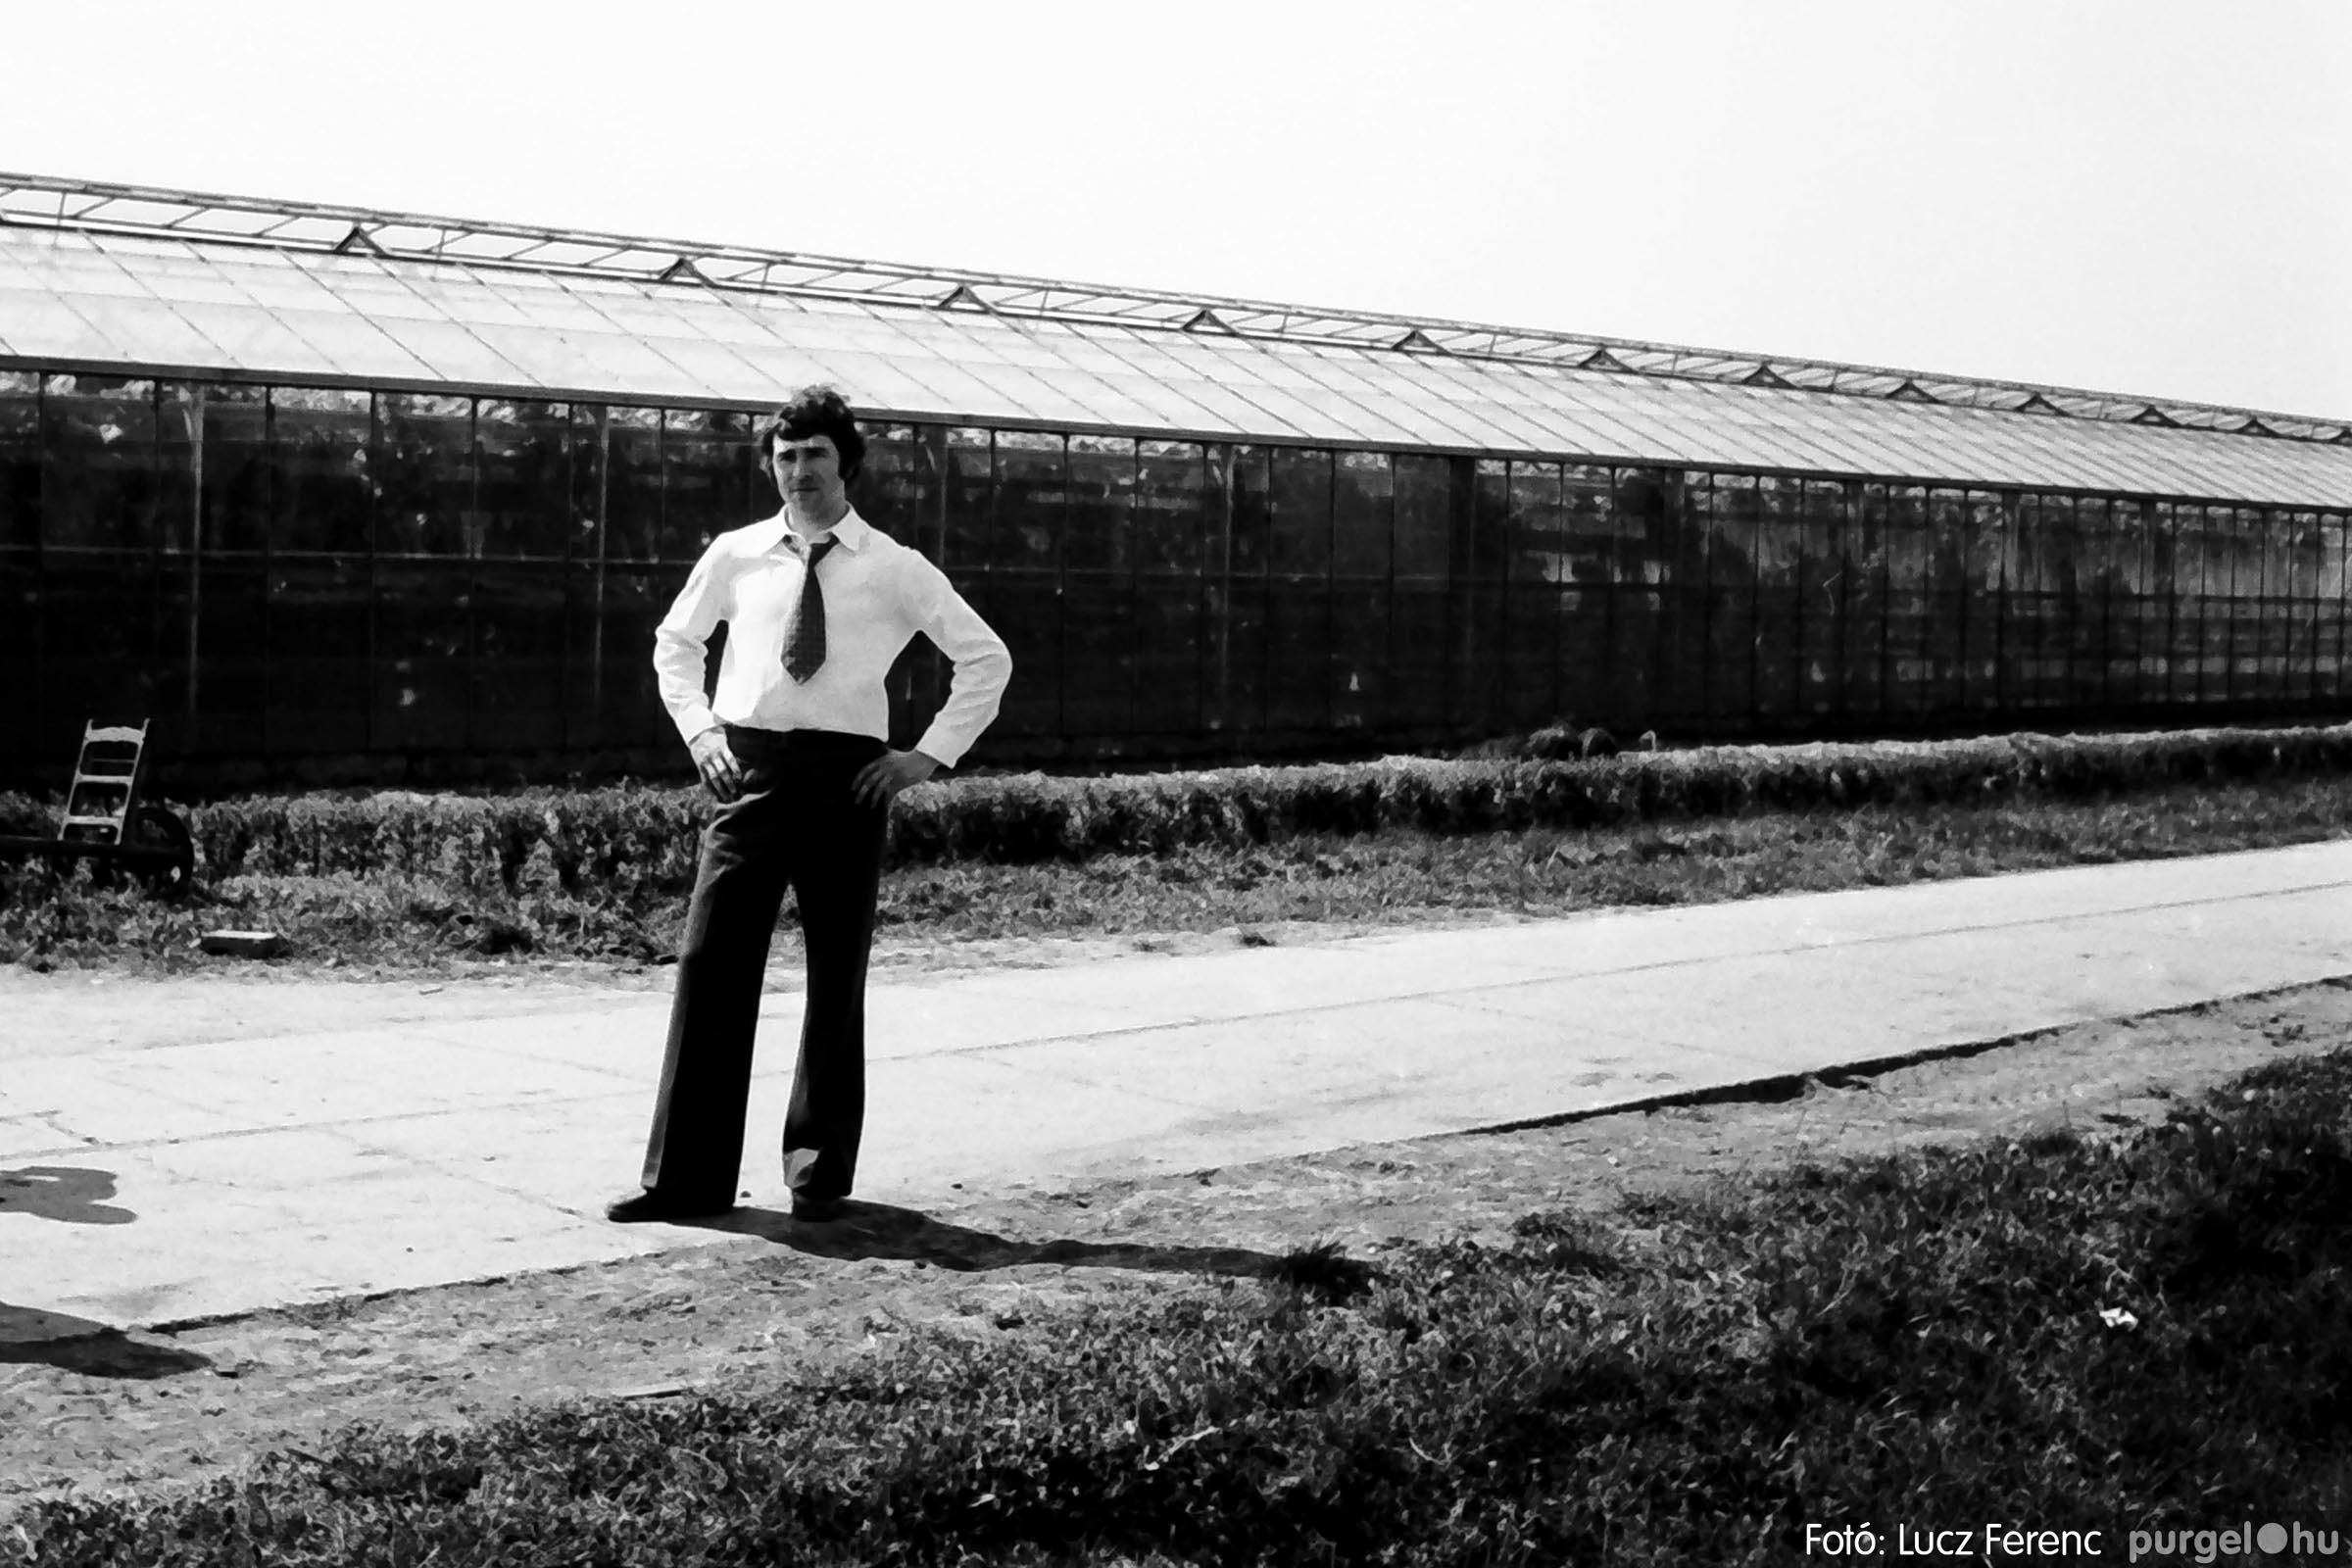 013 1975.04. A felszabadulási munkaverseny győztes üzeme 035 - Fotó: Lucz Ferenc IMG00142q.jpg